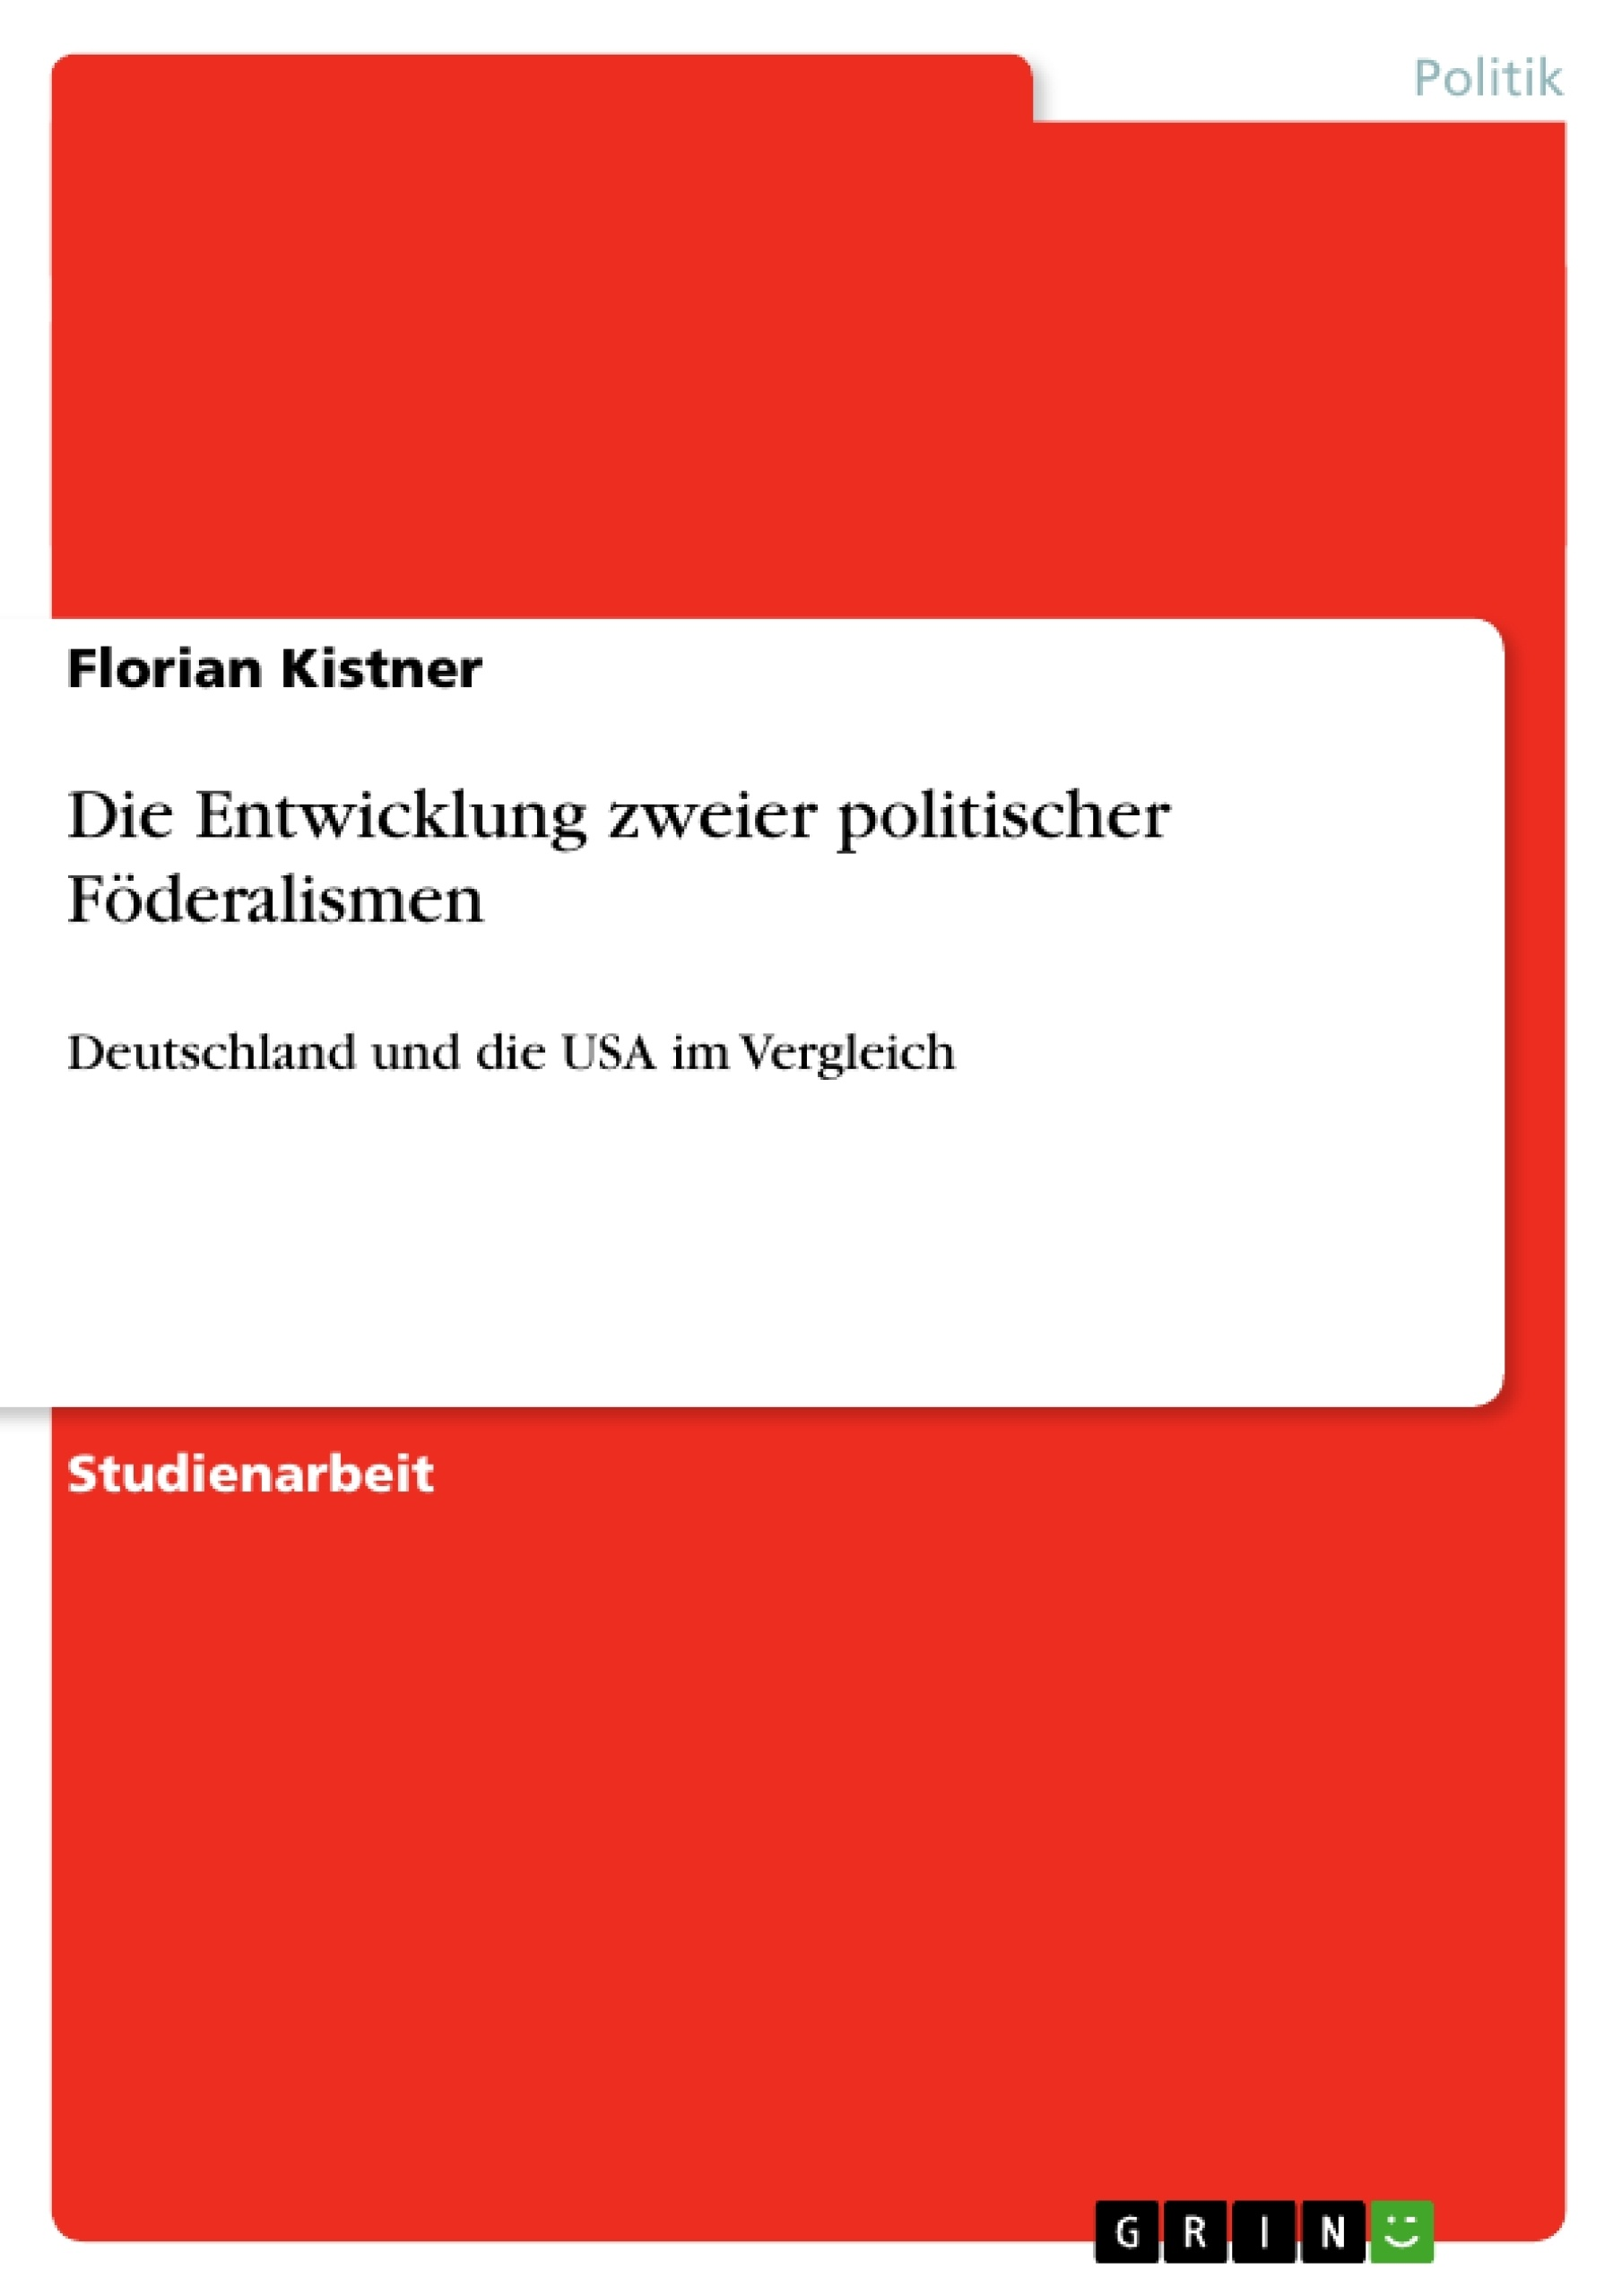 Titel: Die Entwicklung zweier politischer Föderalismen